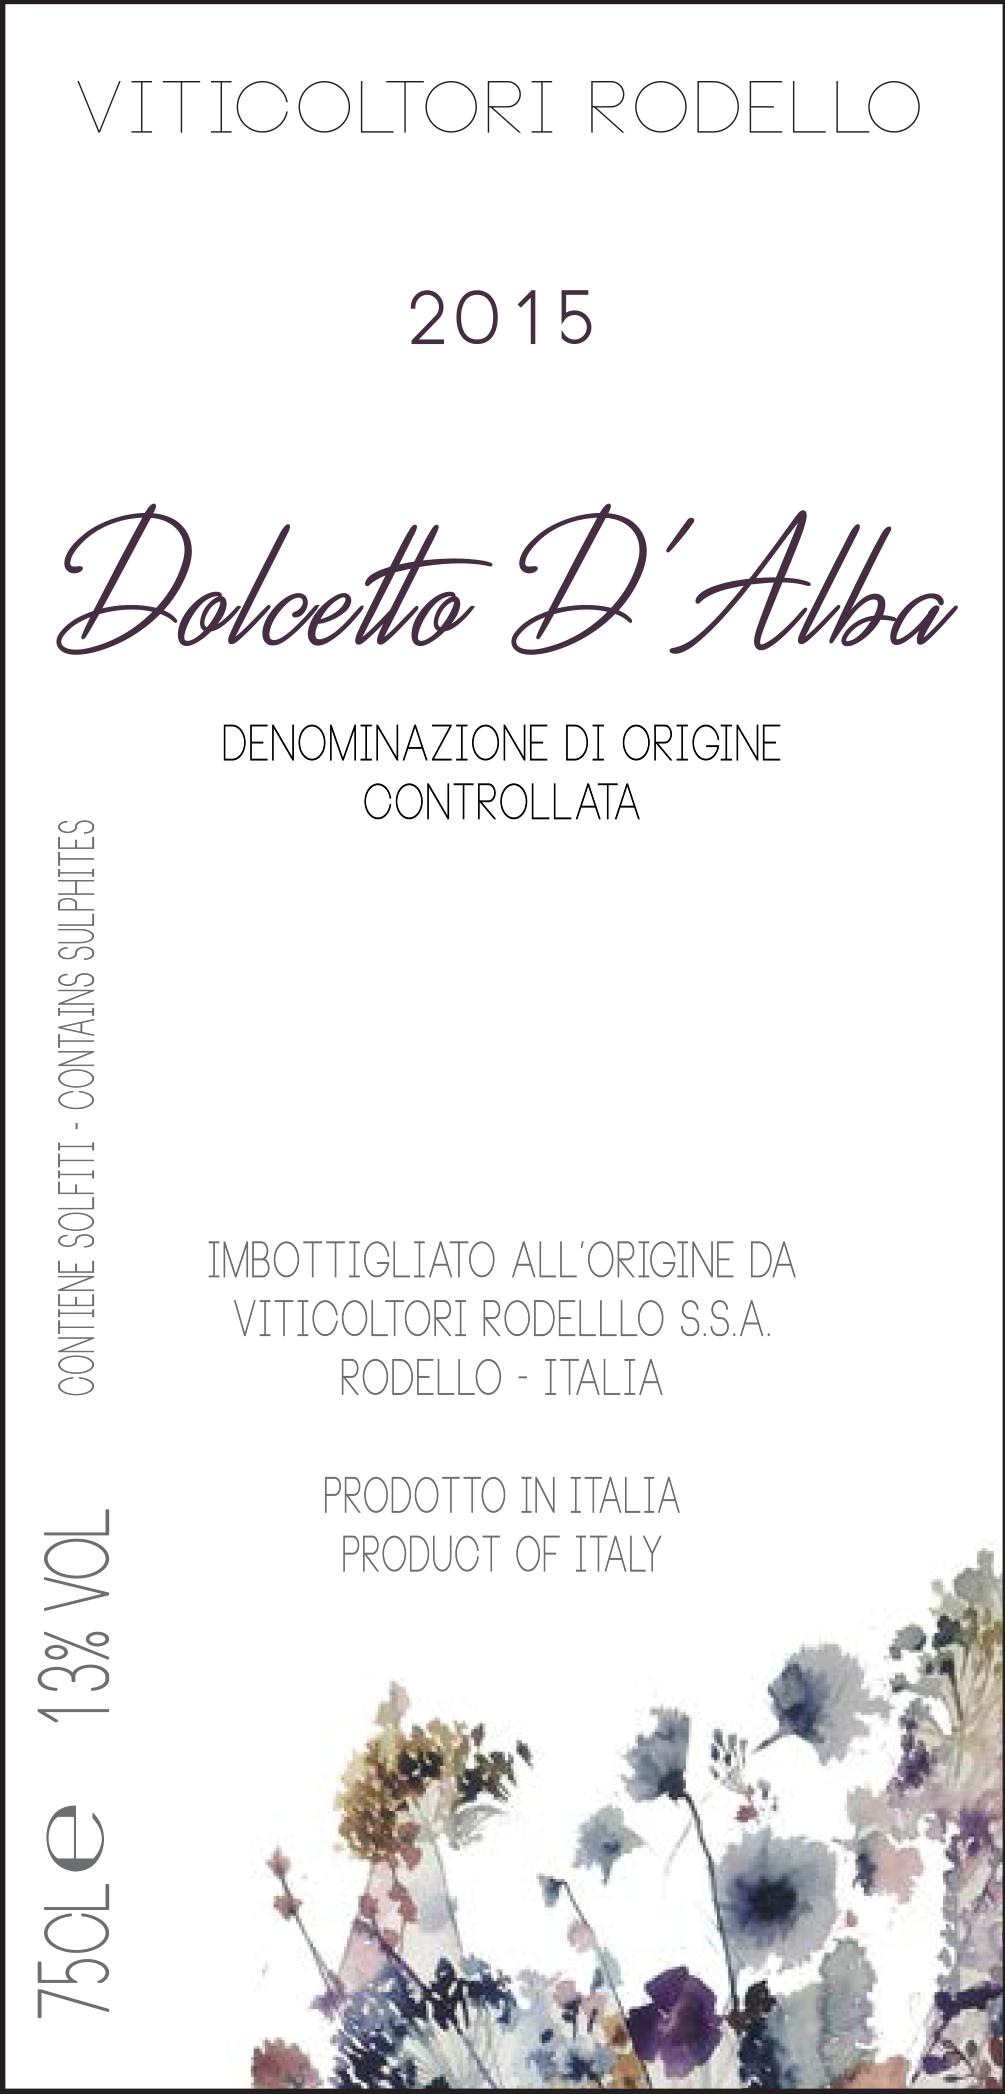 DOLCETTO D'ALBA DOC